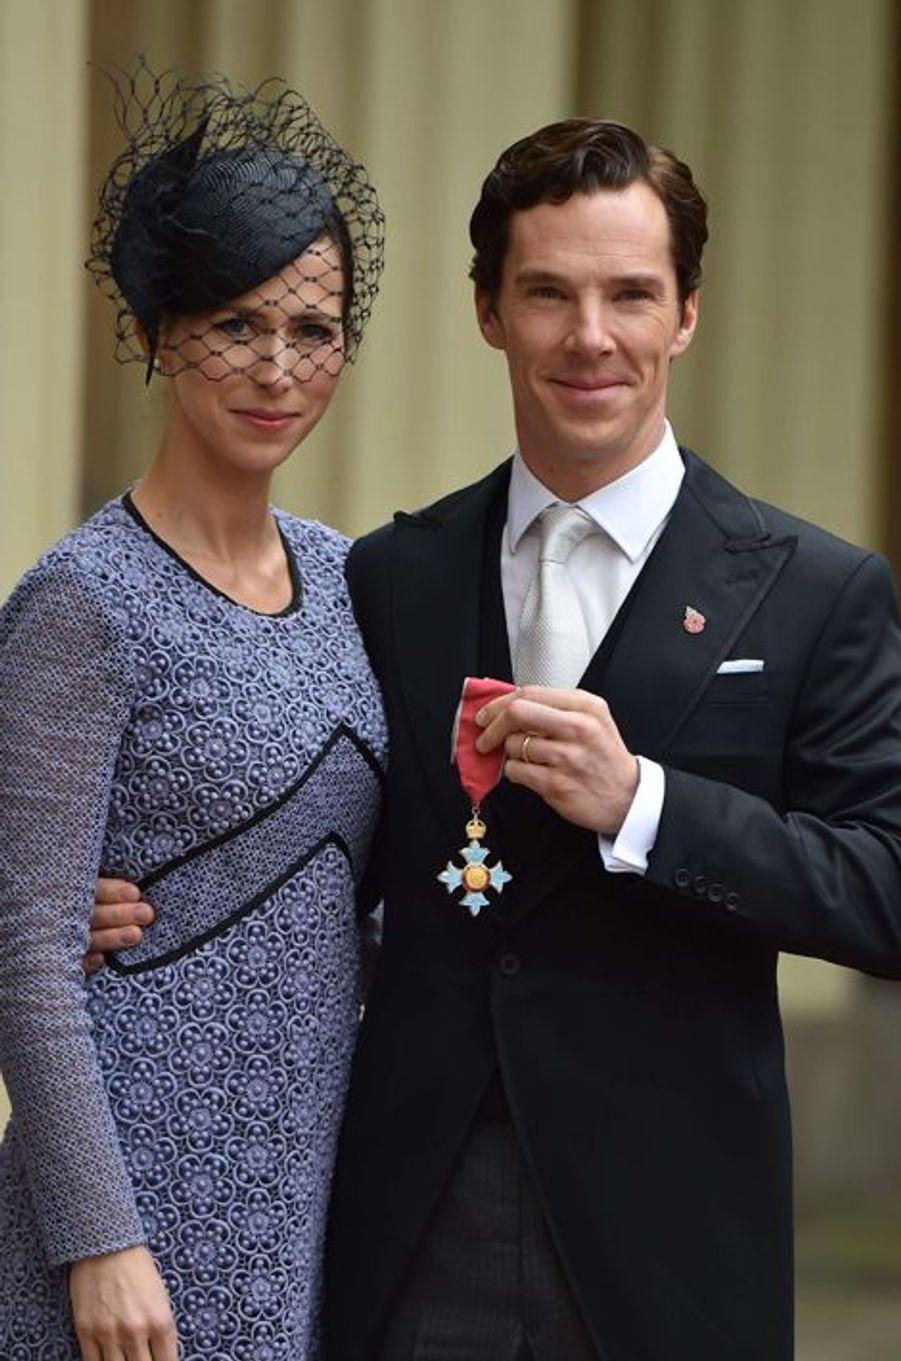 Benedict Cumberbatch décoré par la reine Elizabeth II, le 10 novembre 2015